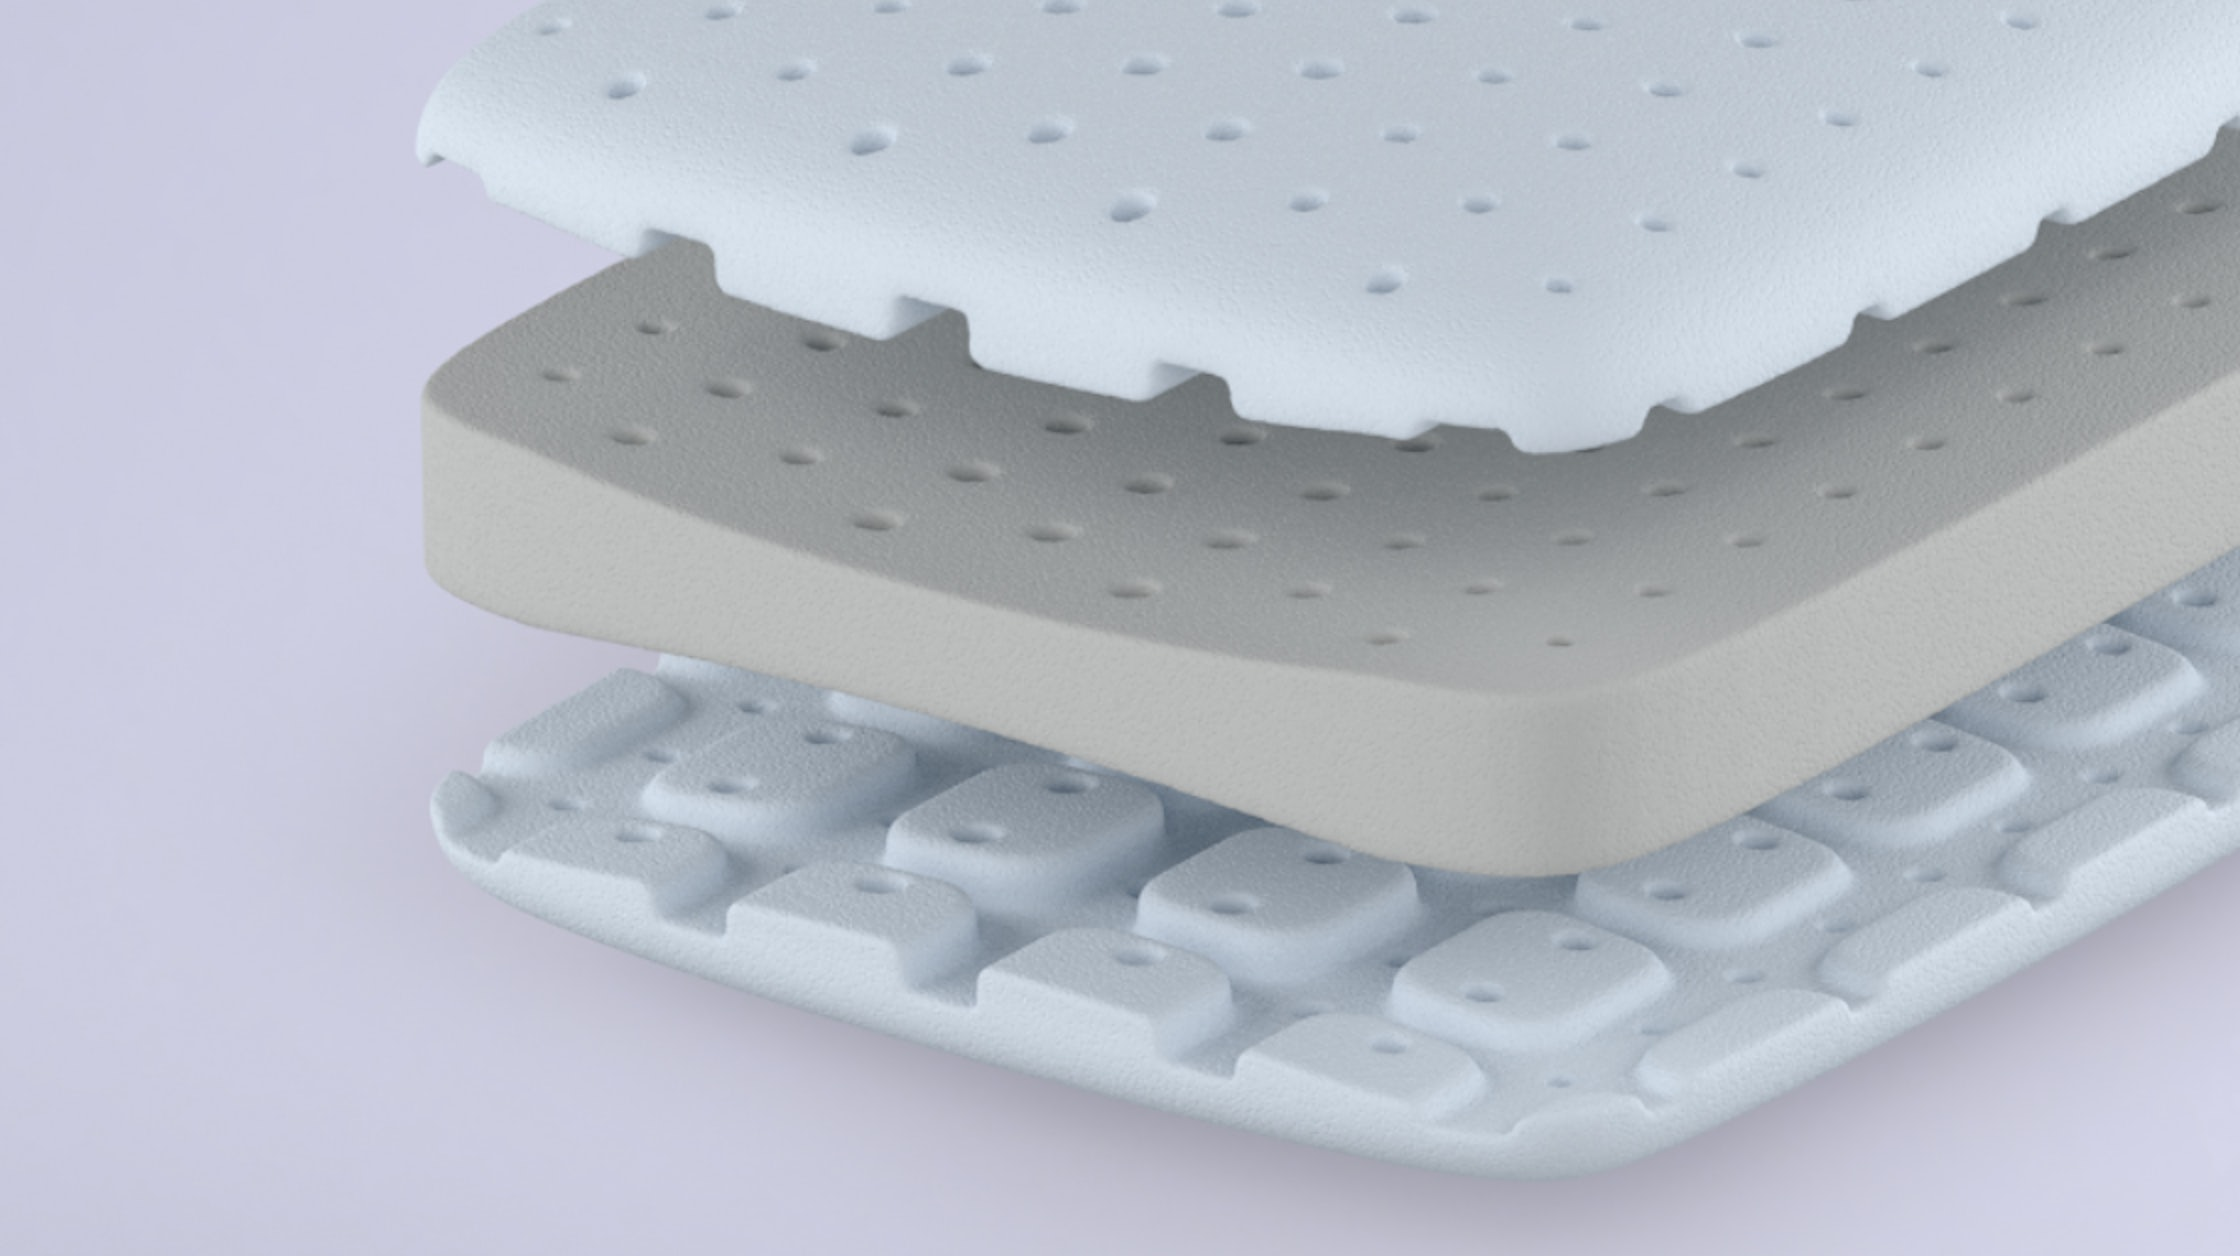 Foam pillow structure